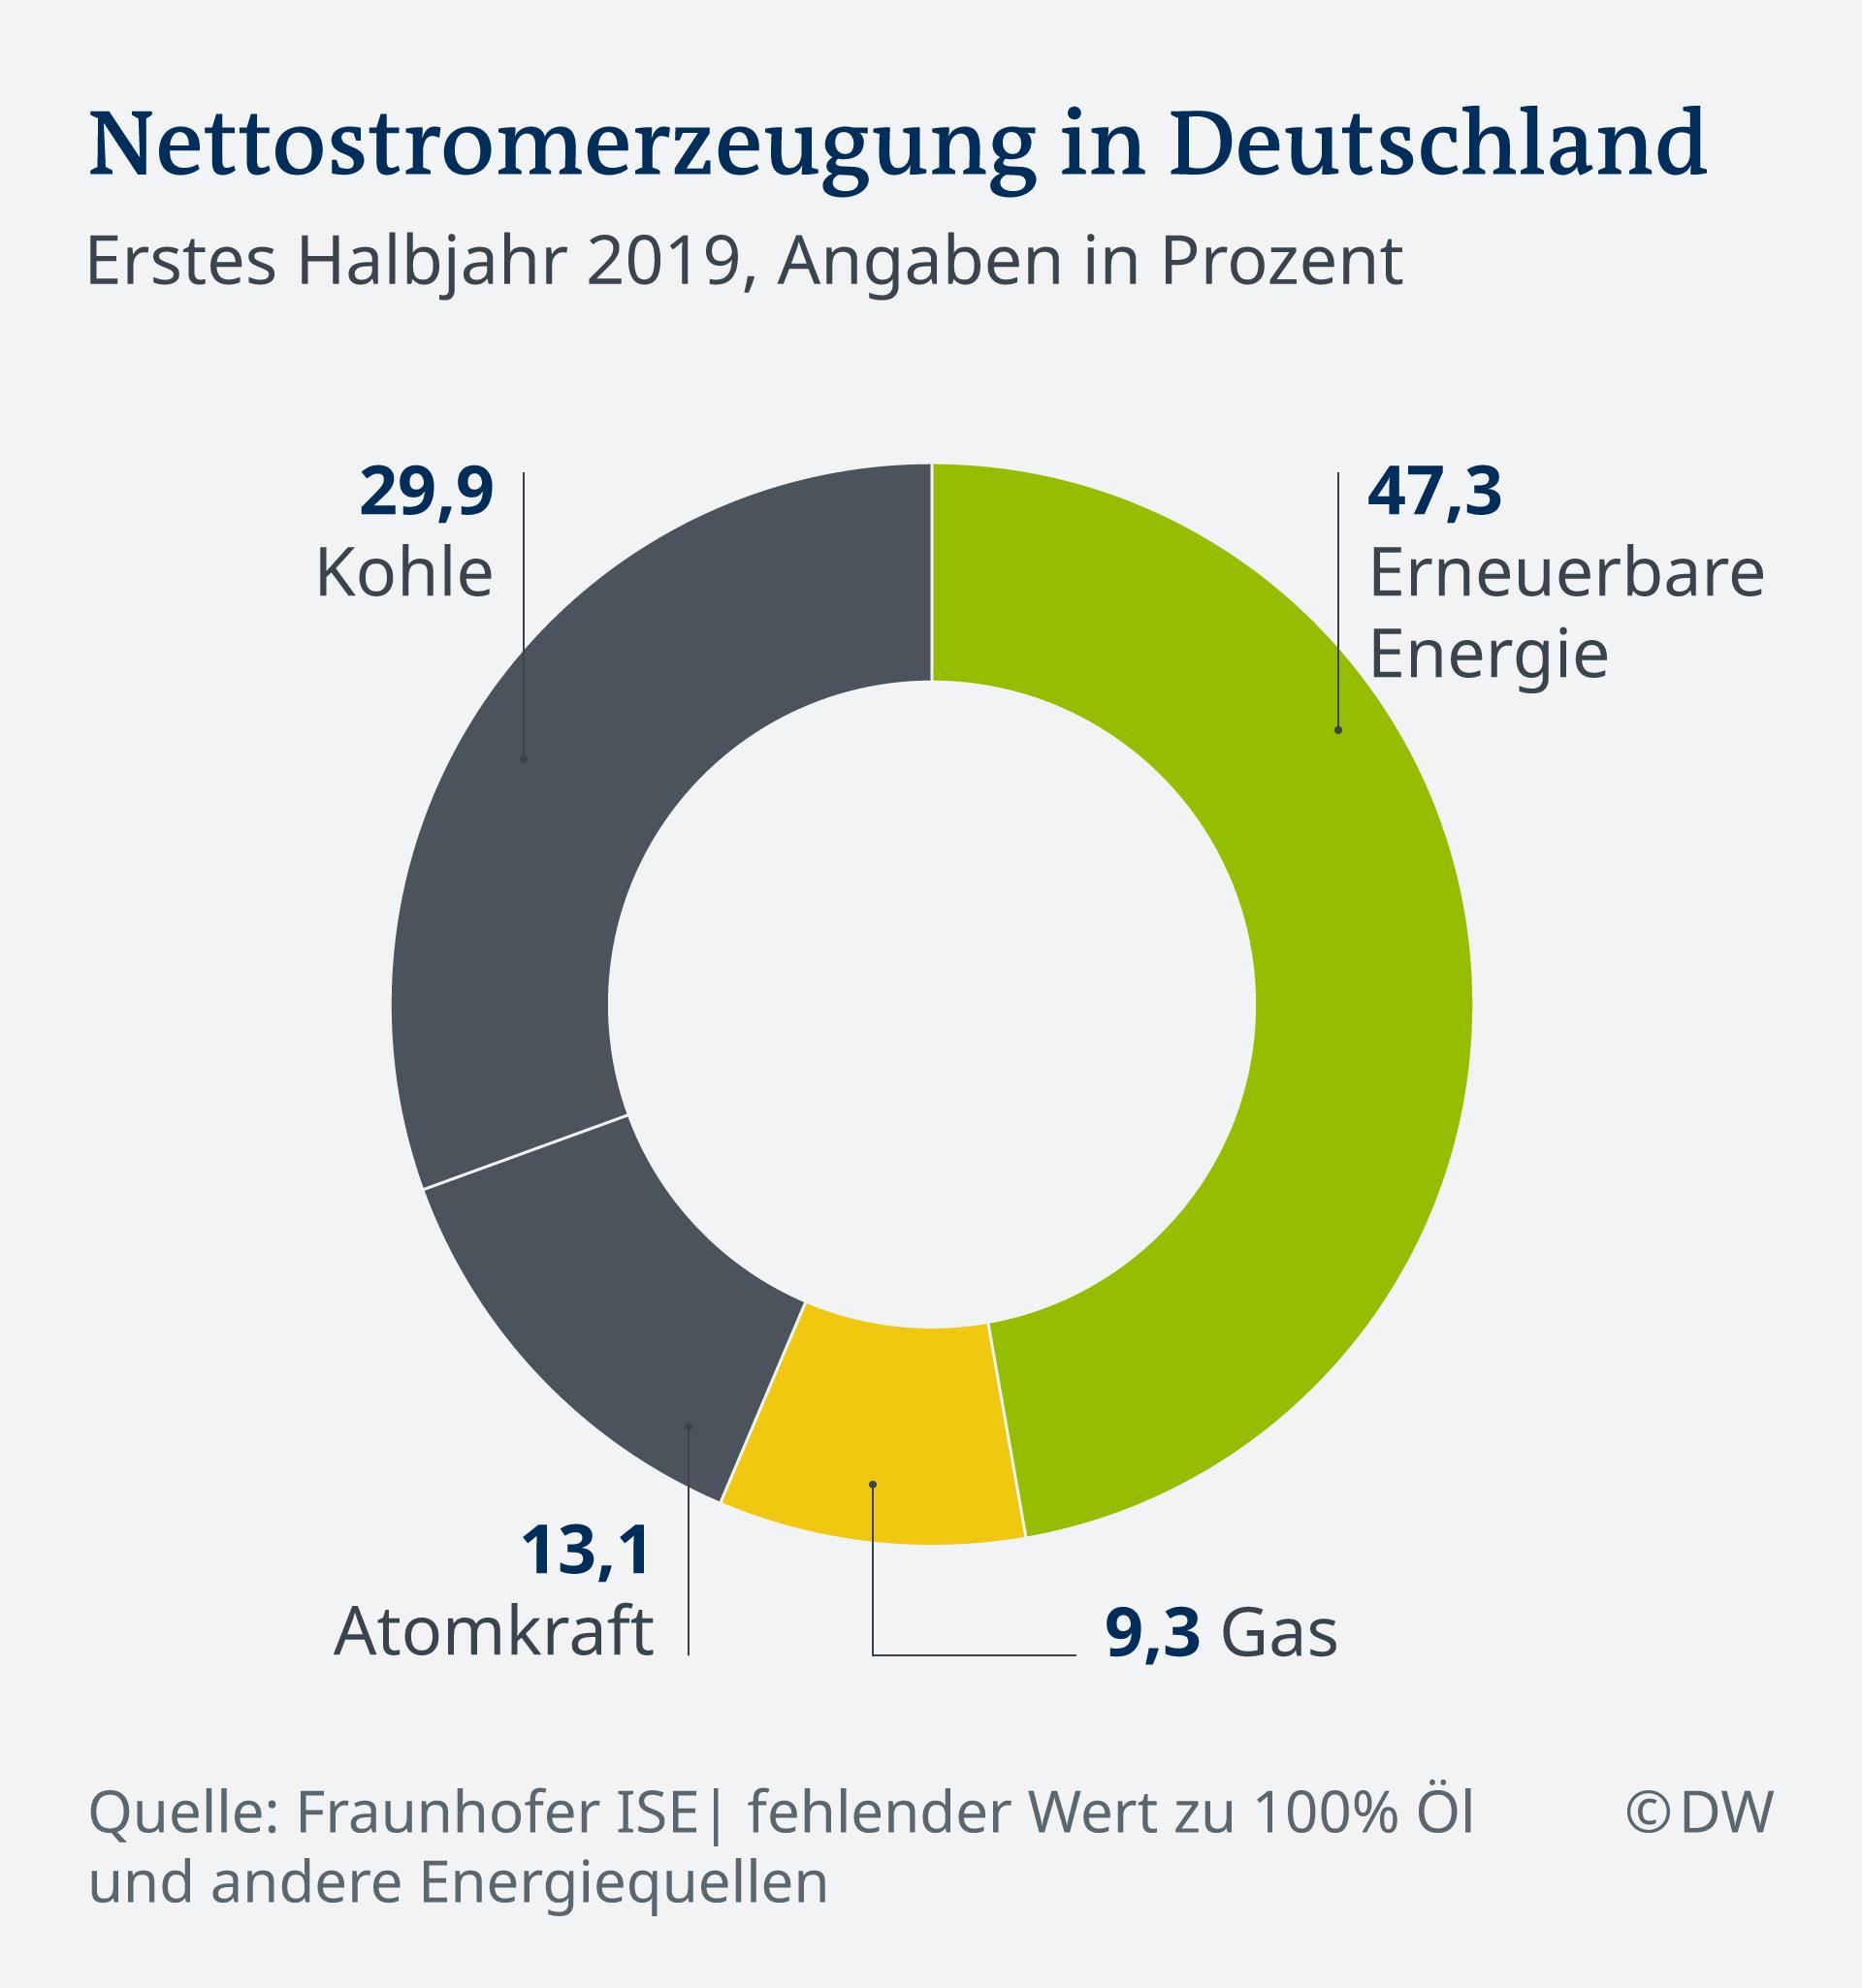 energieerzeugung_brd_2019.jpg